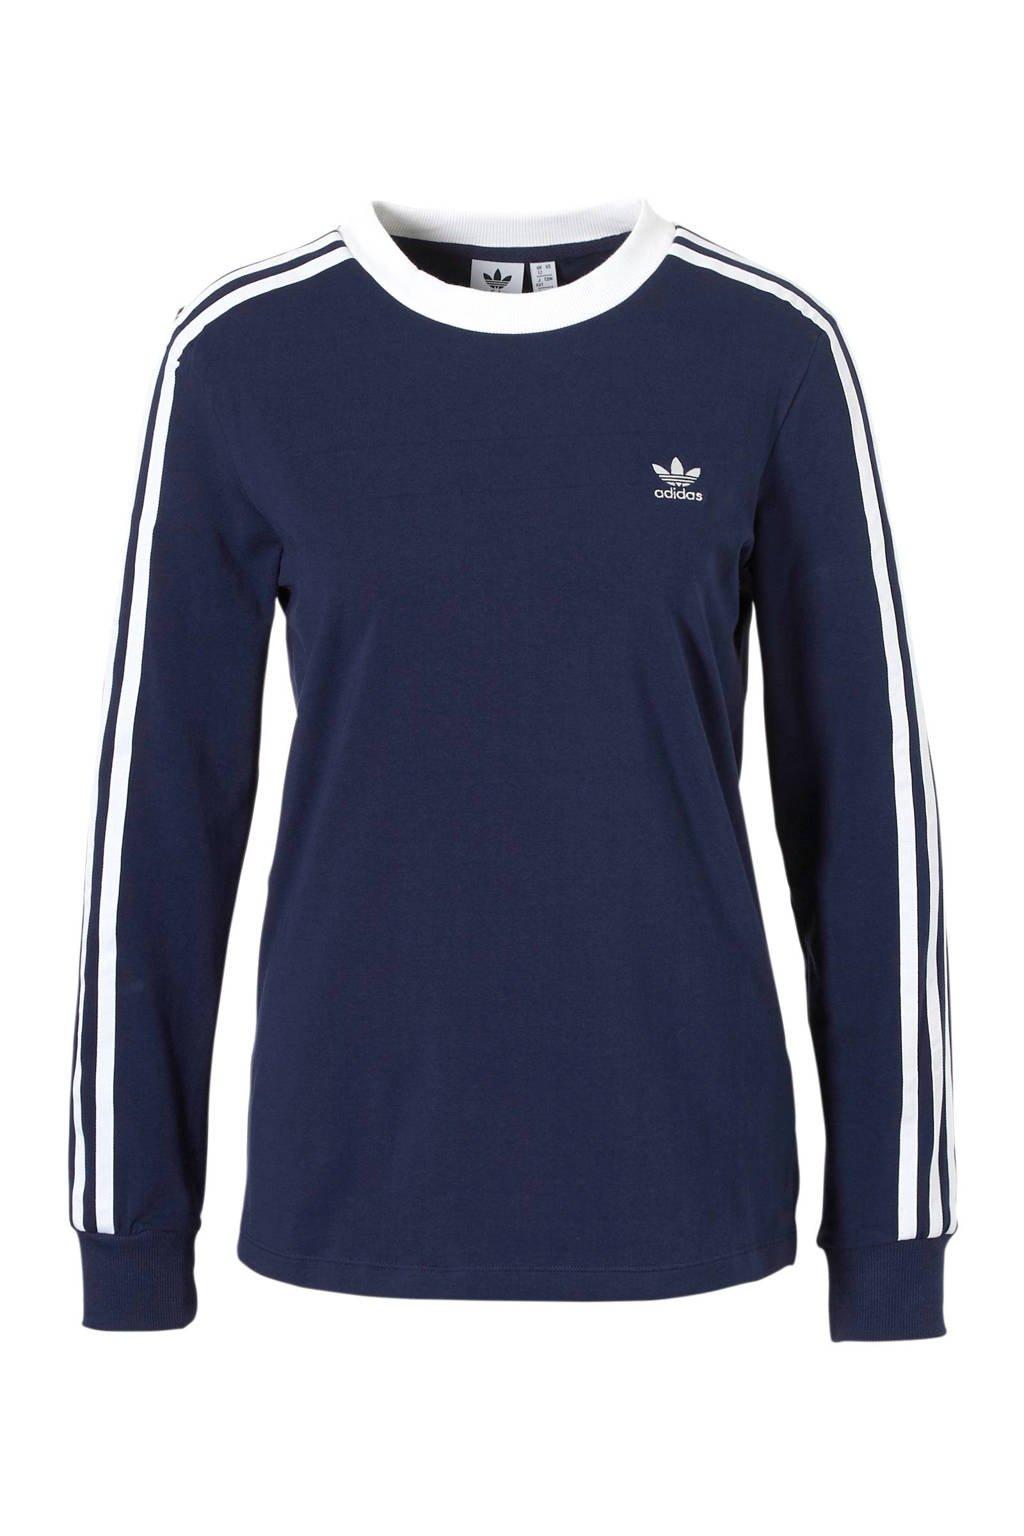 adidas originals T-shirt donkerblauw, Donkerblauw/wit